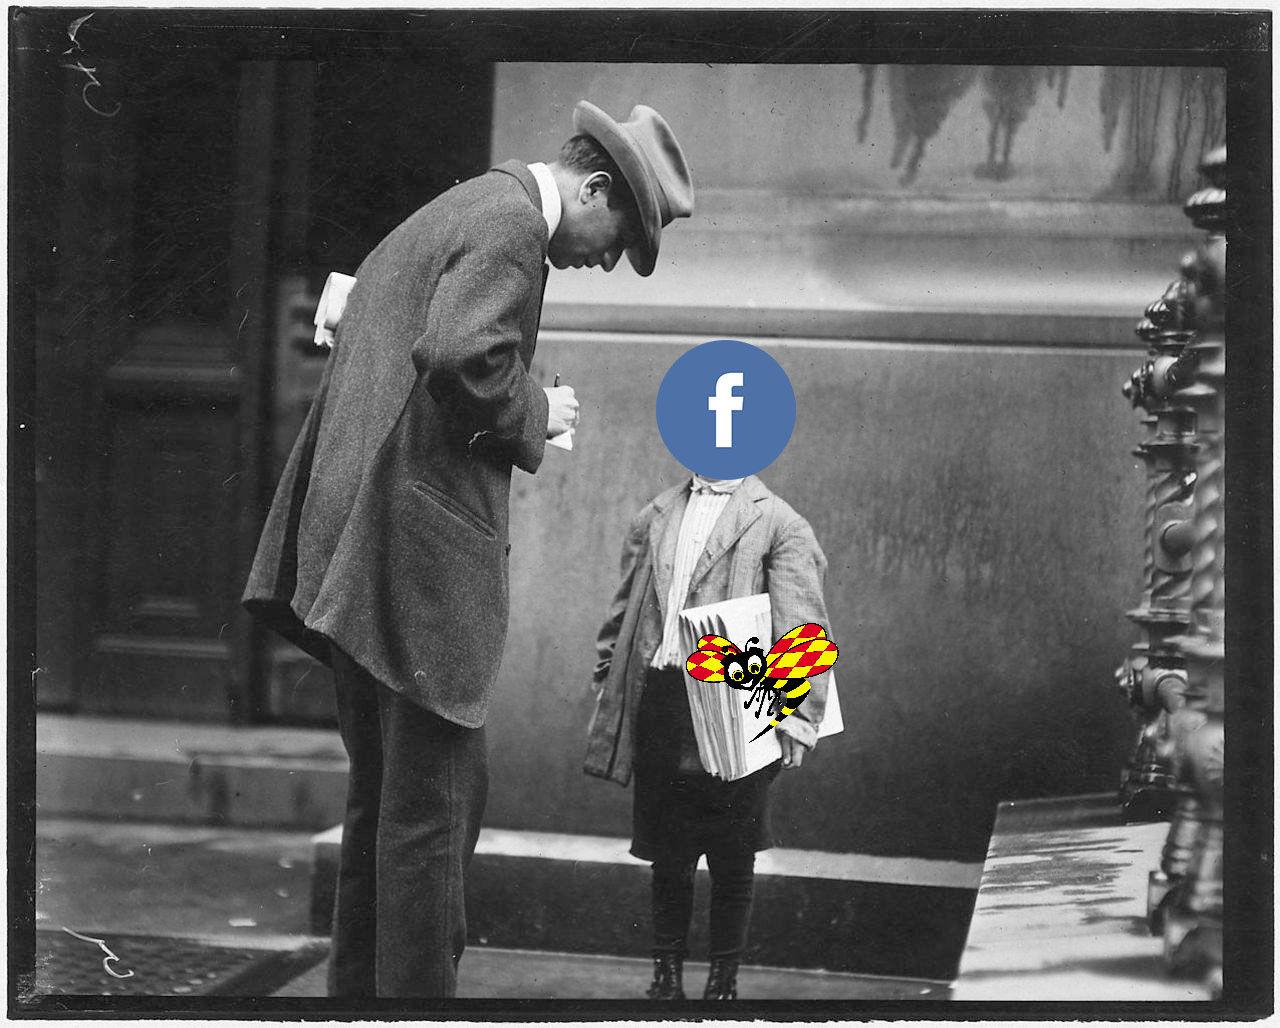 Expressen blir nyhetsleverantör till Facebook